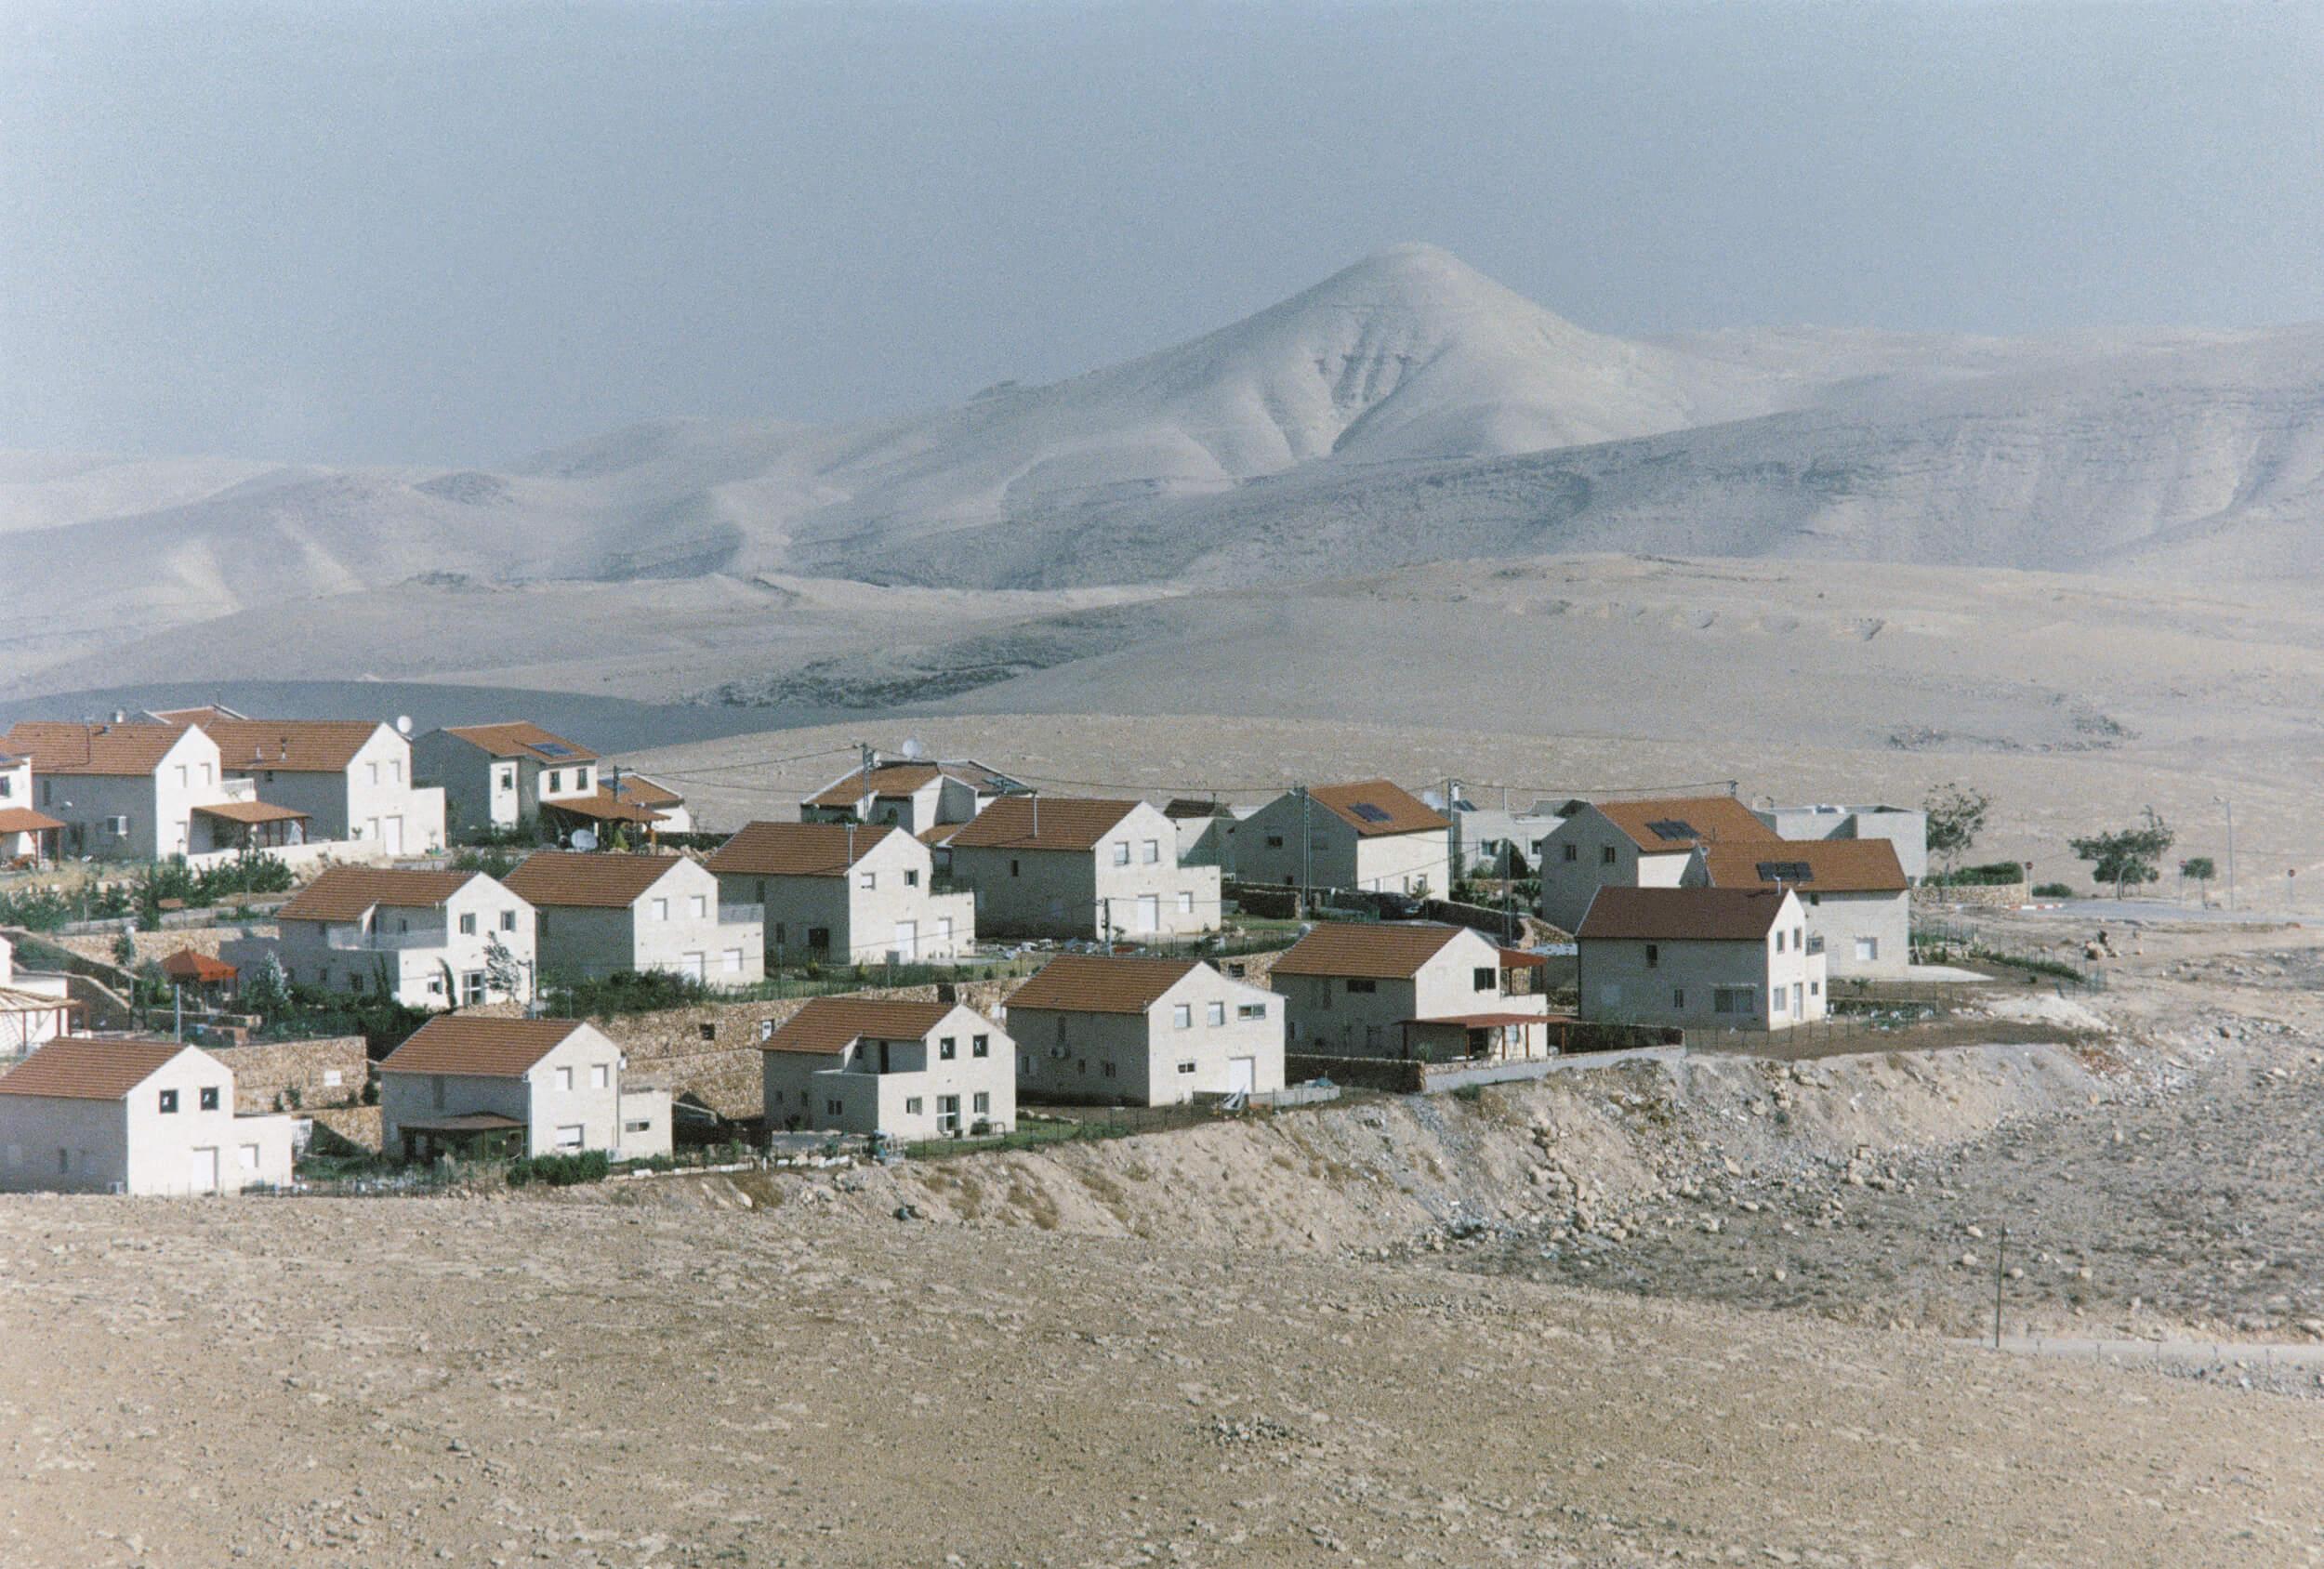 Westbank. The Israeli settlement Kedar